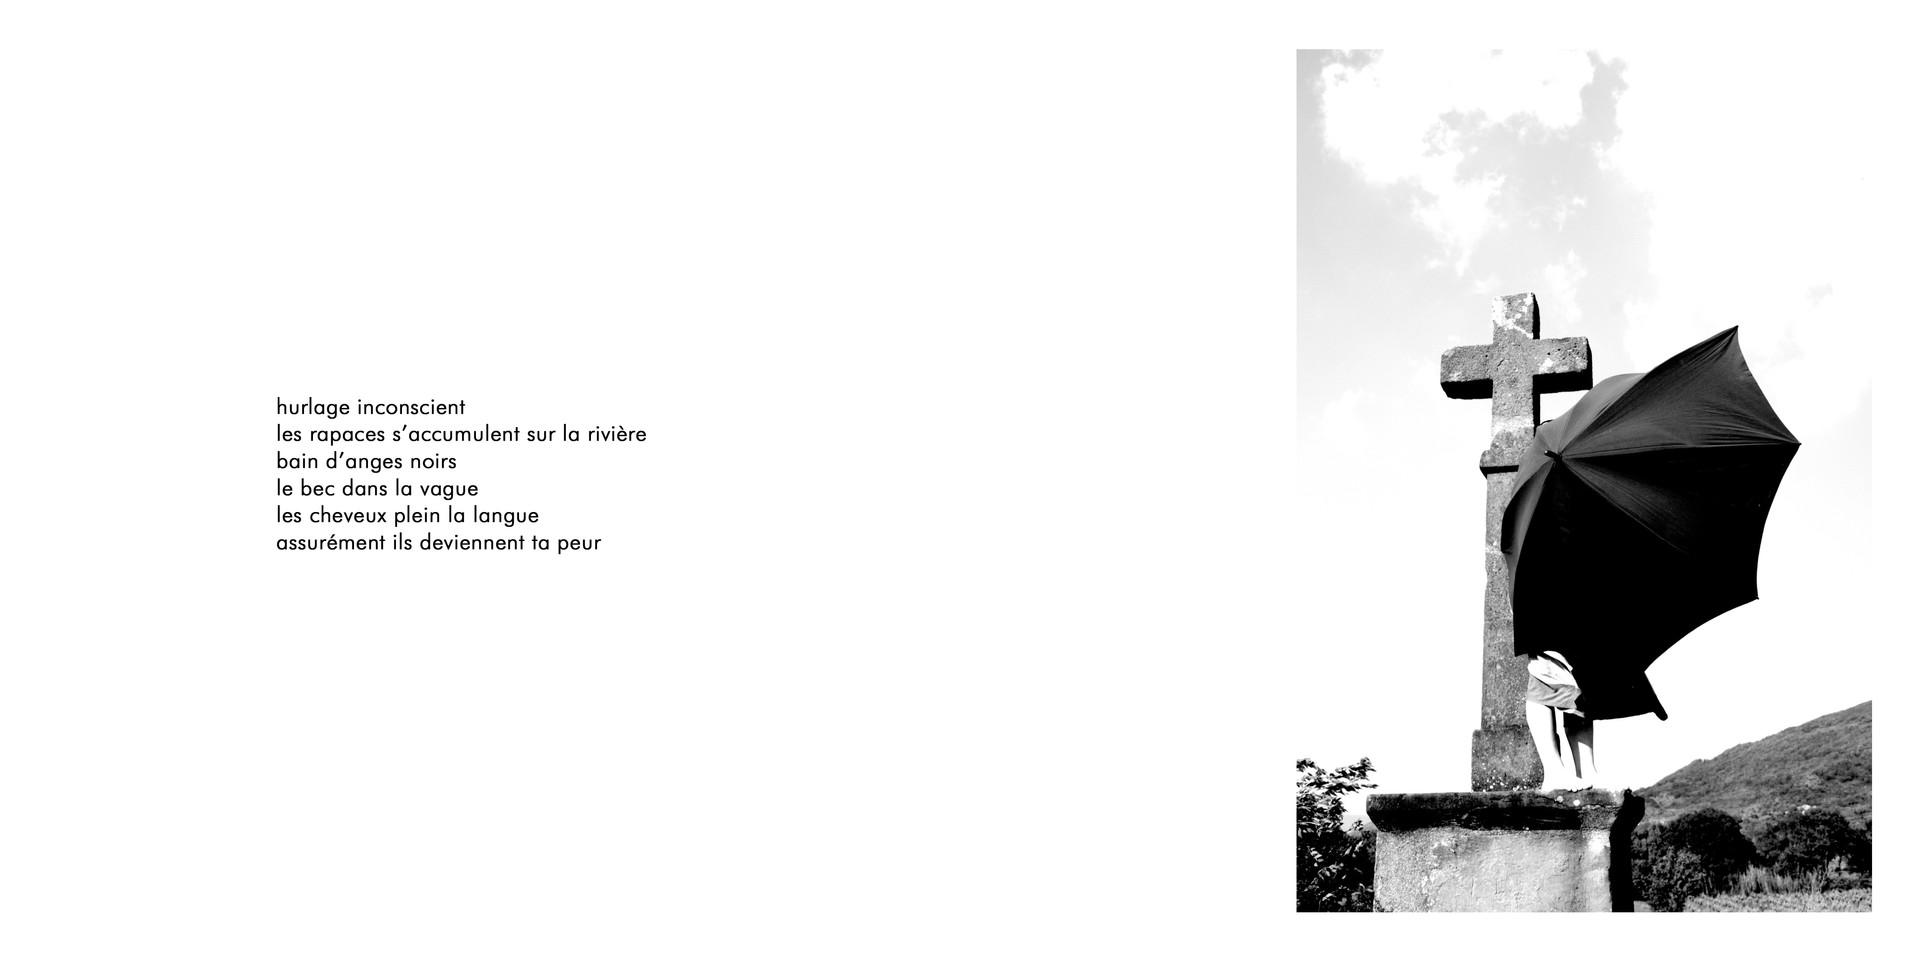 essai livre fernand 25.jpg